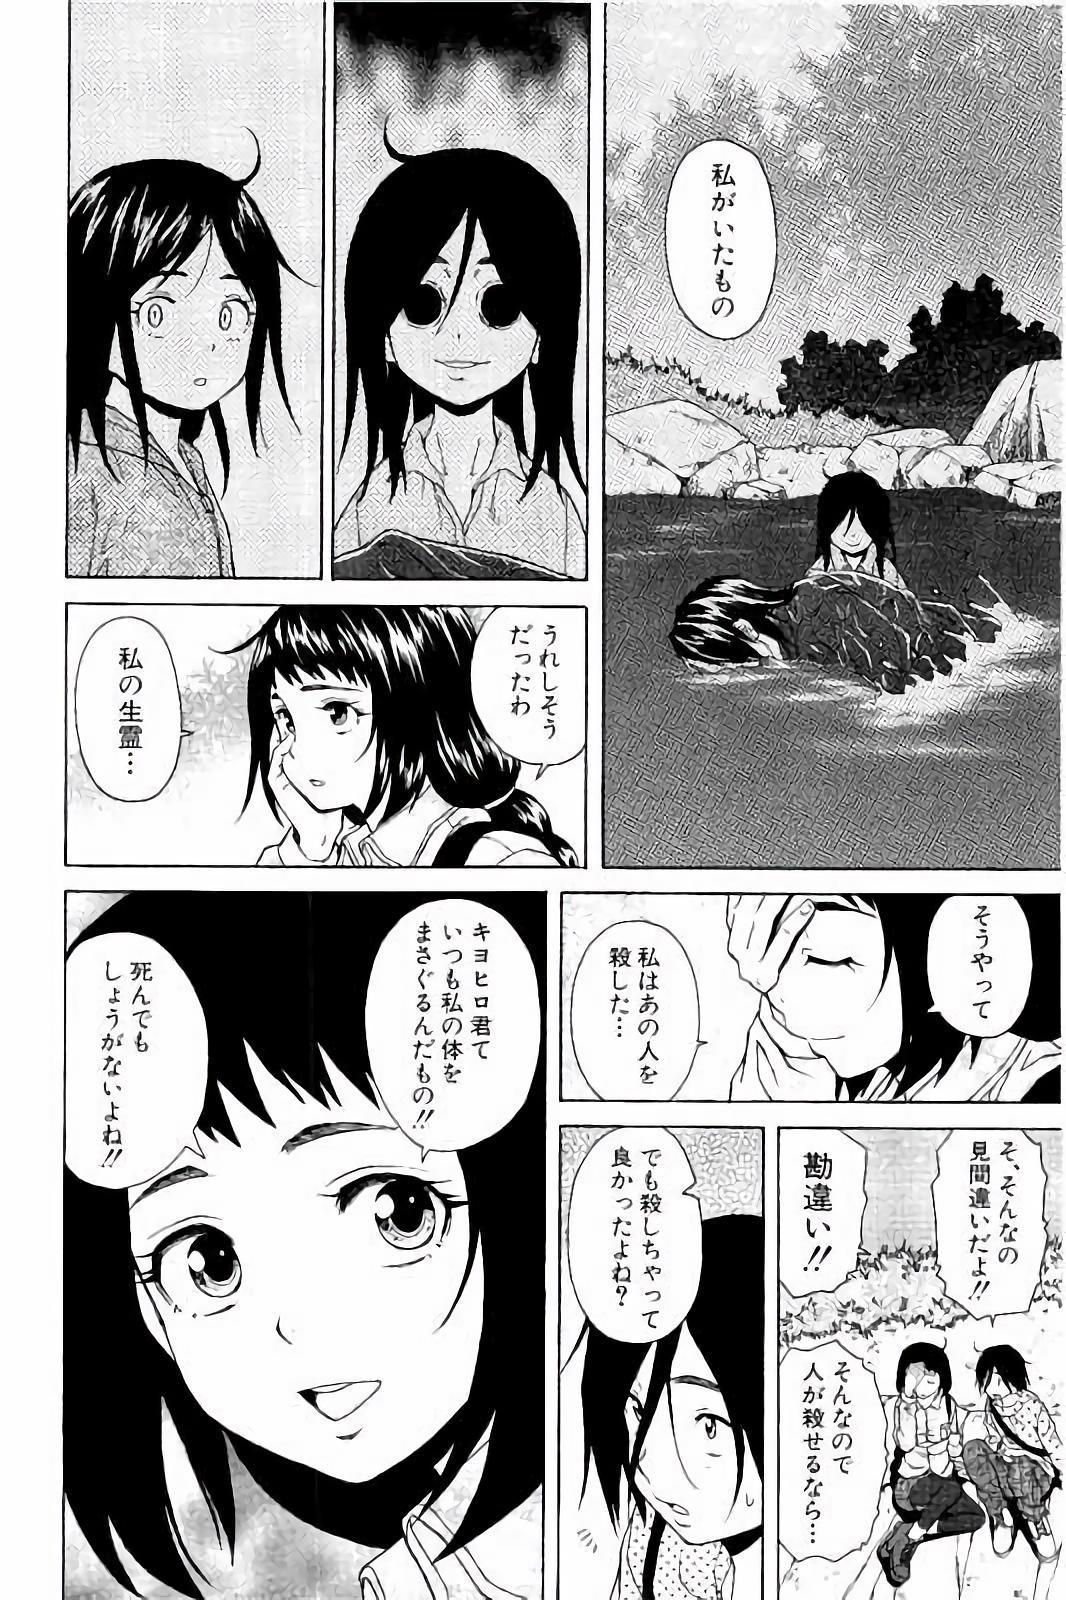 Ane no Himitsu To Boku no Jisatsu 105